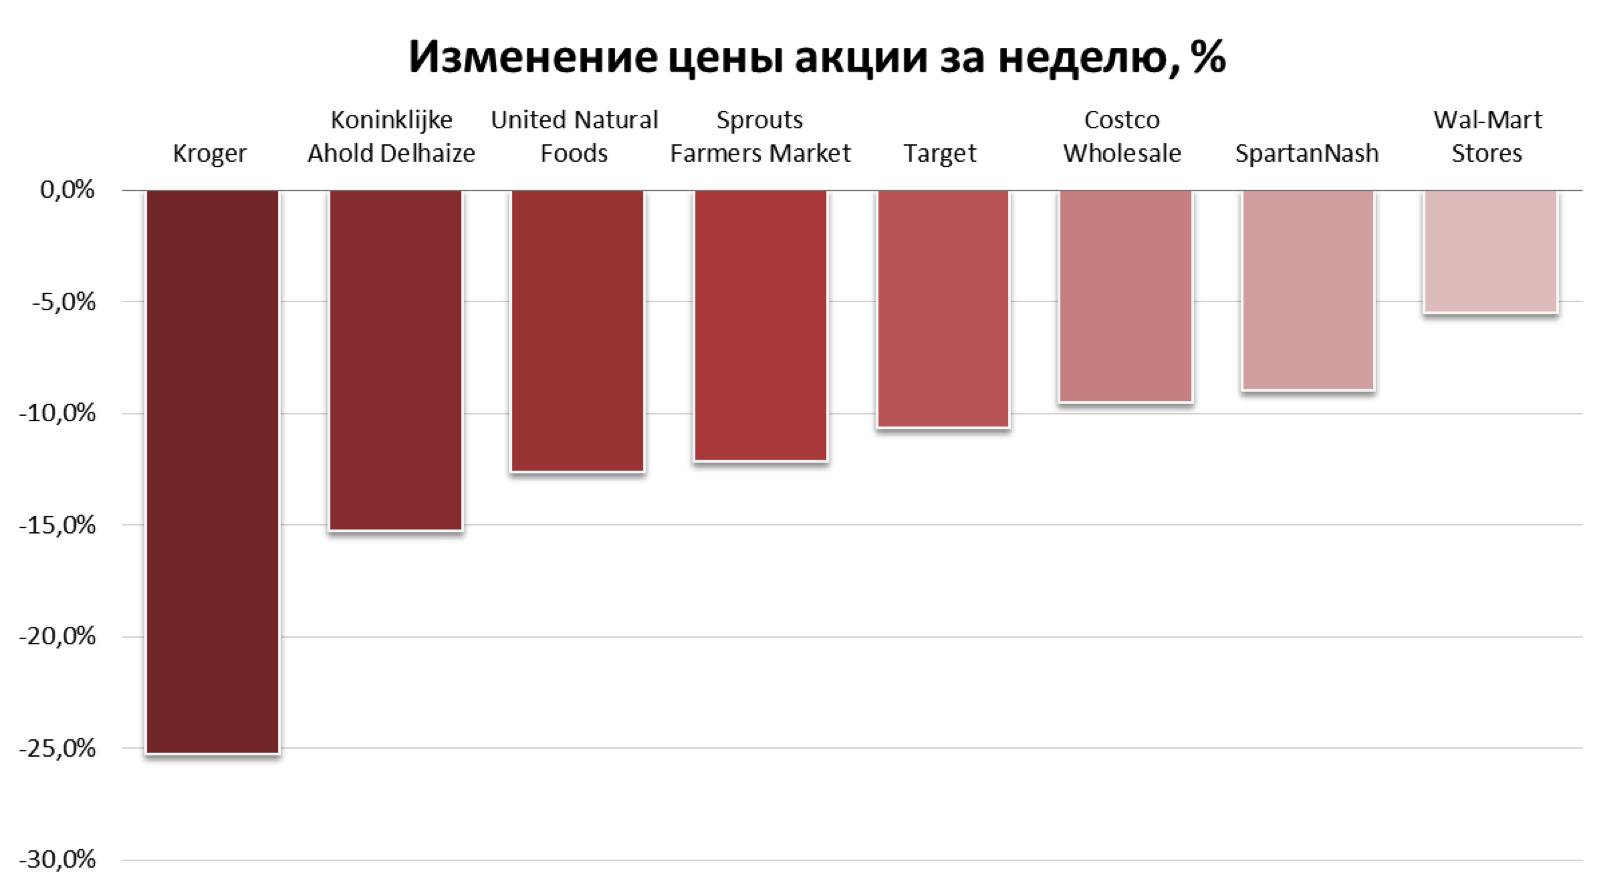 Как вели себя акции крупнейших сетей после того, как Amazon купил Whole Foods Market